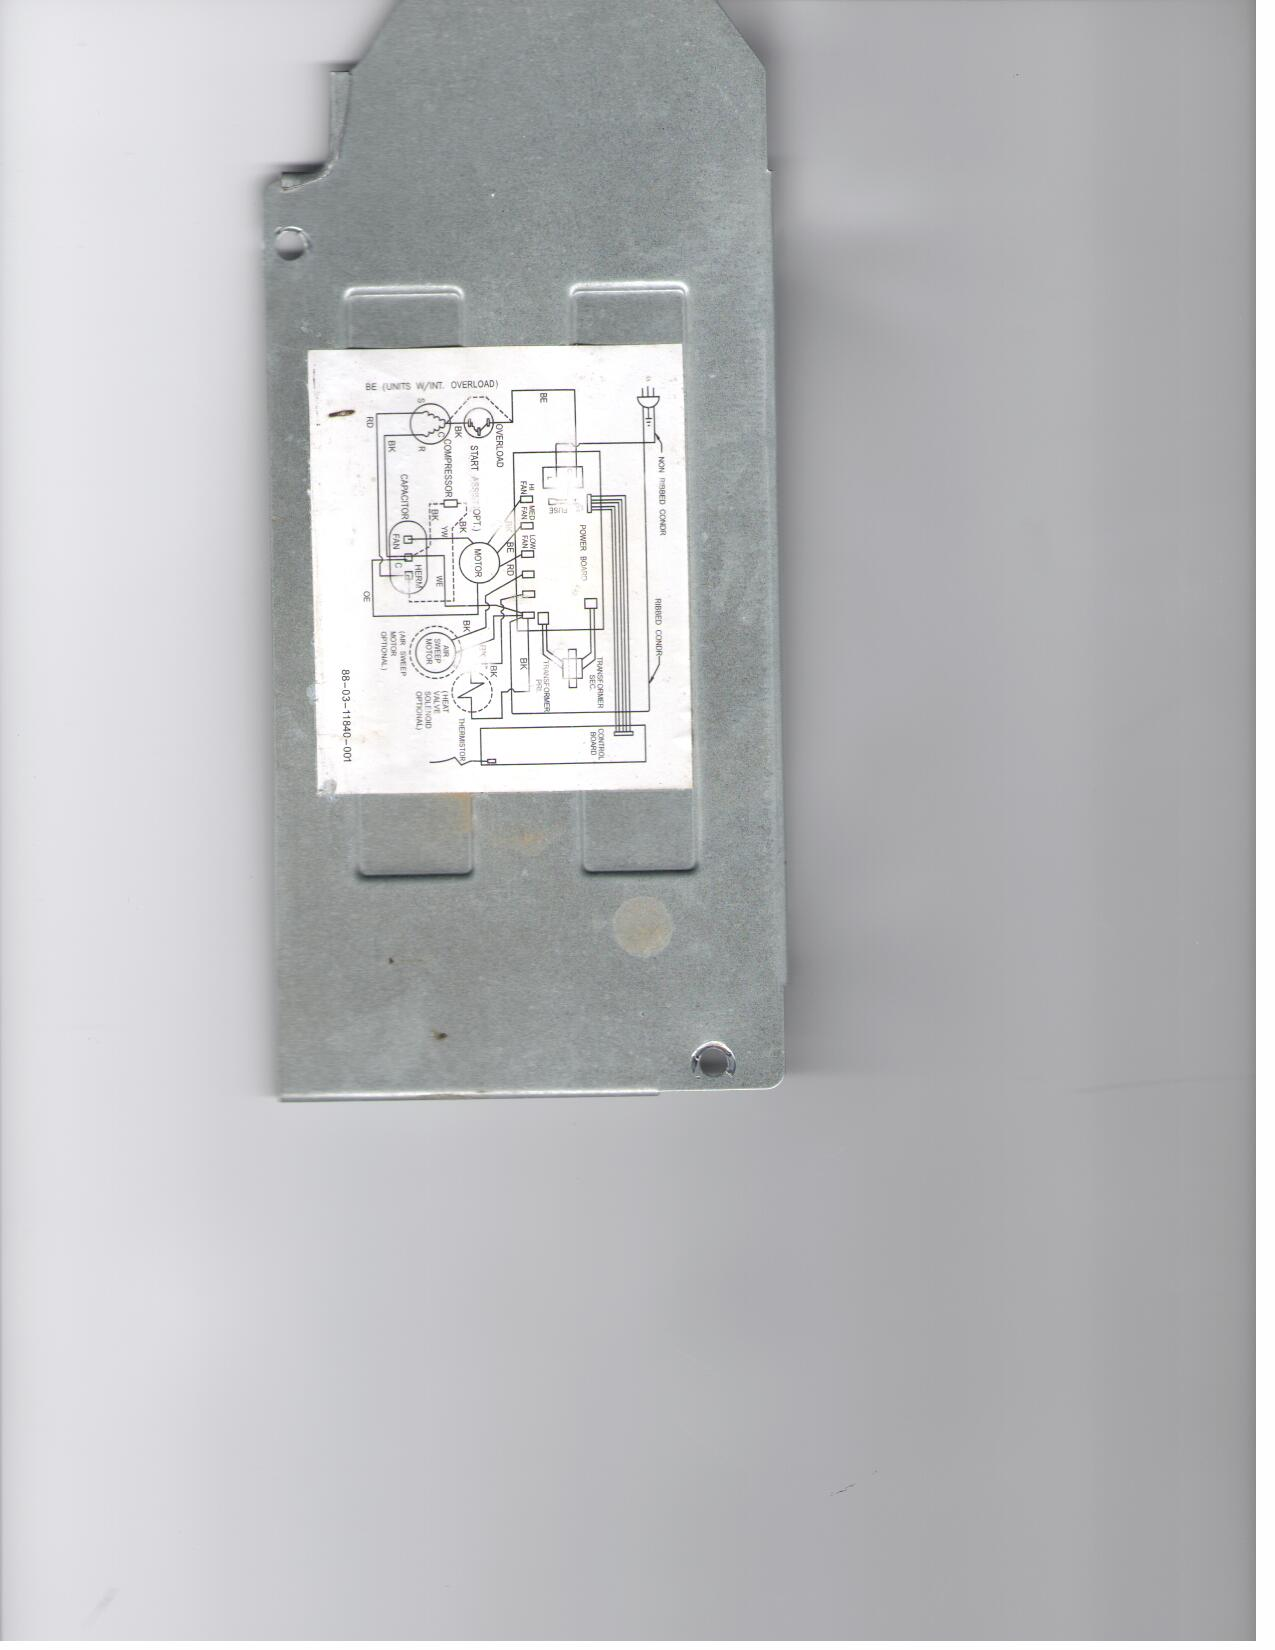 Maytag/Fedders 14,500 BTU window A/C unit Mod# M7Y15F2A-D ... on